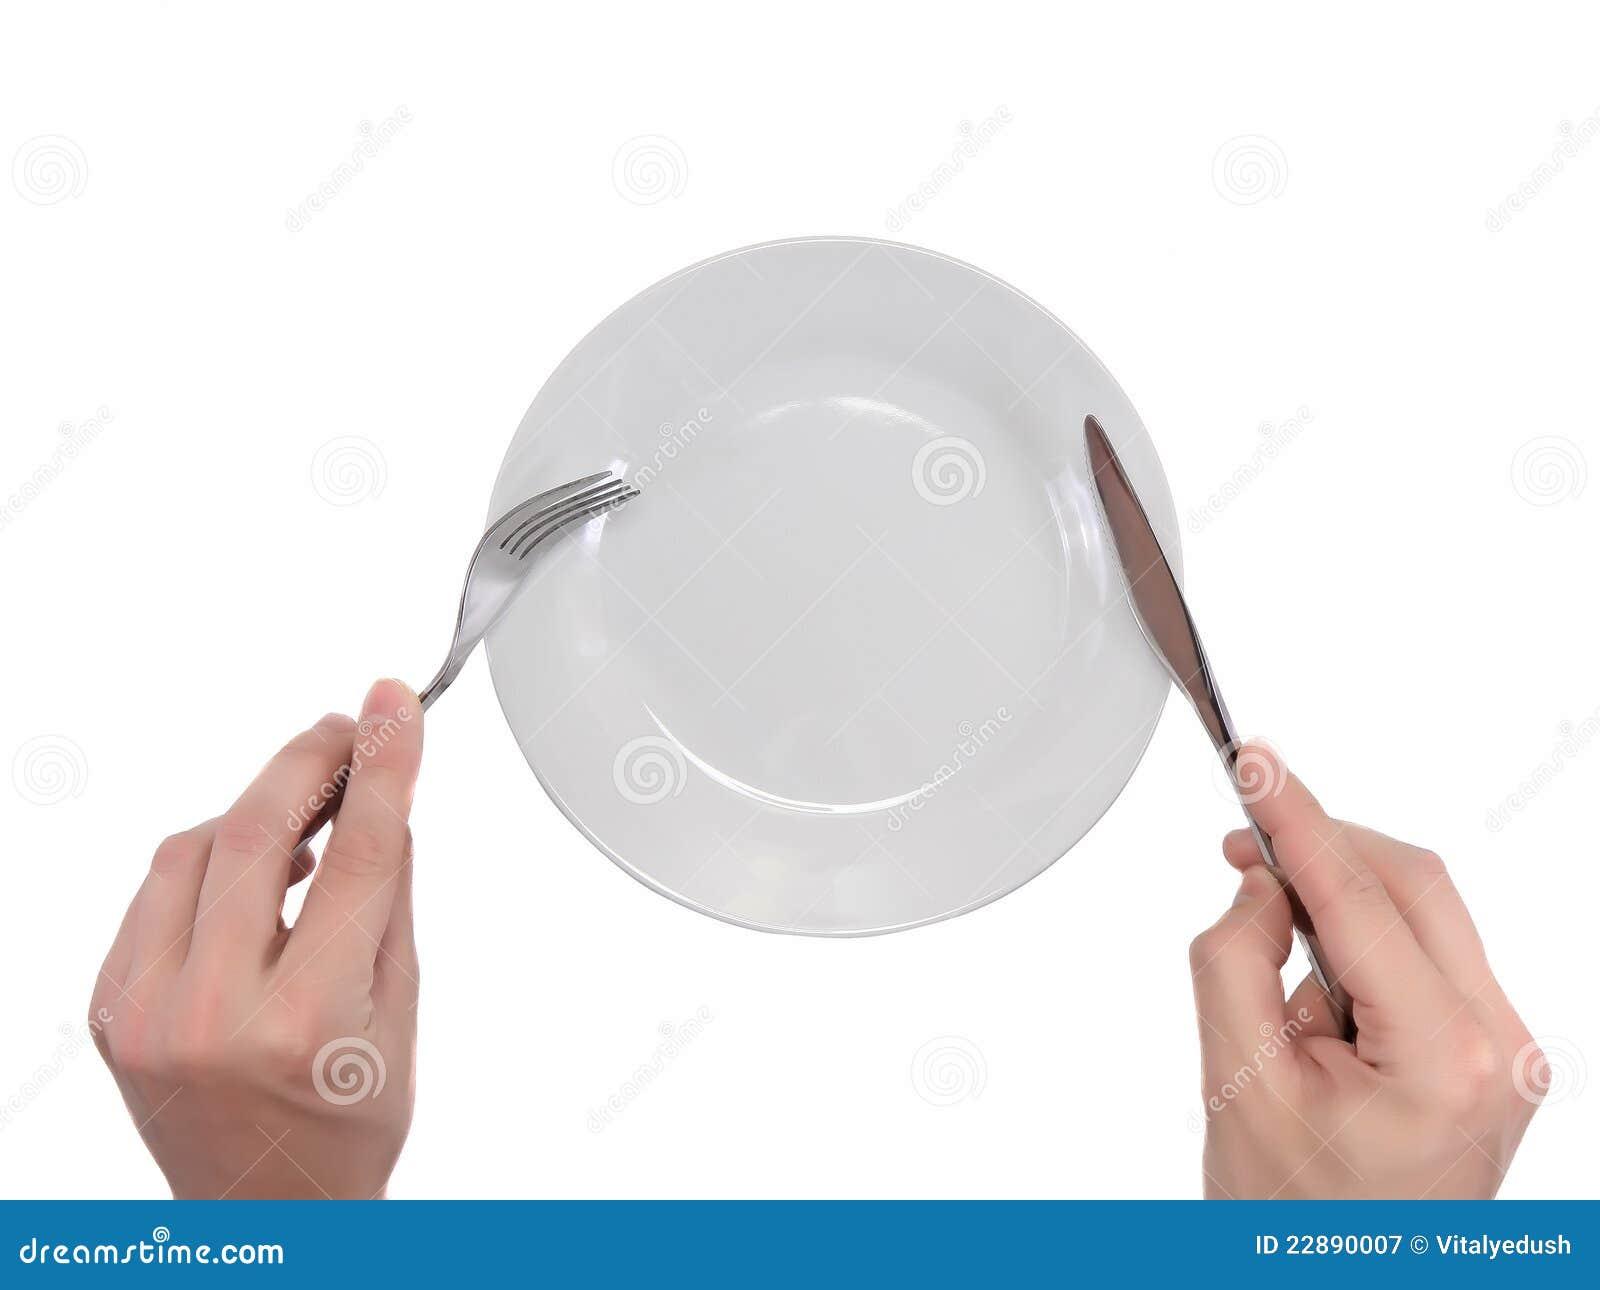 Если тарелки приснились совсем молодой девушке или девочке, такой сон означает то, что в будущем она будет хорошей женой.